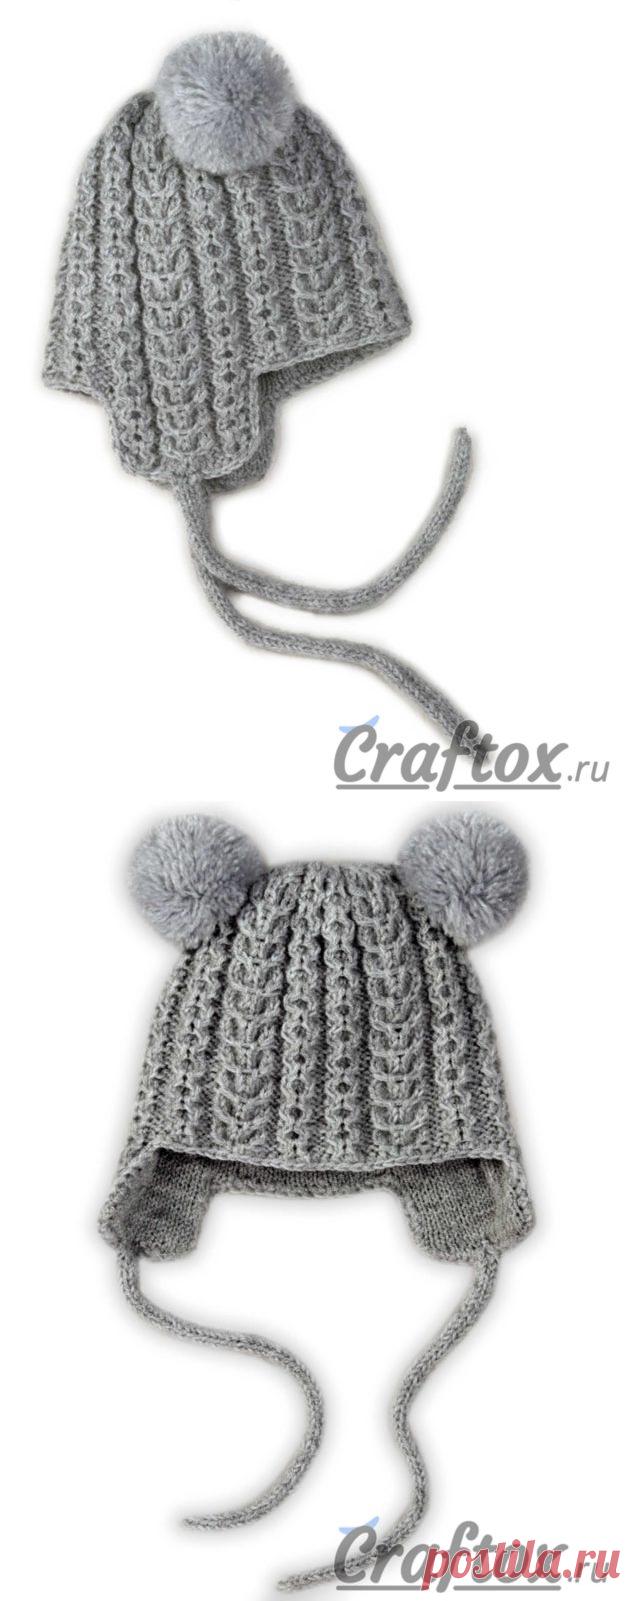 Вязаная спицами детская зимняя шапка с ушками и помпонами ...